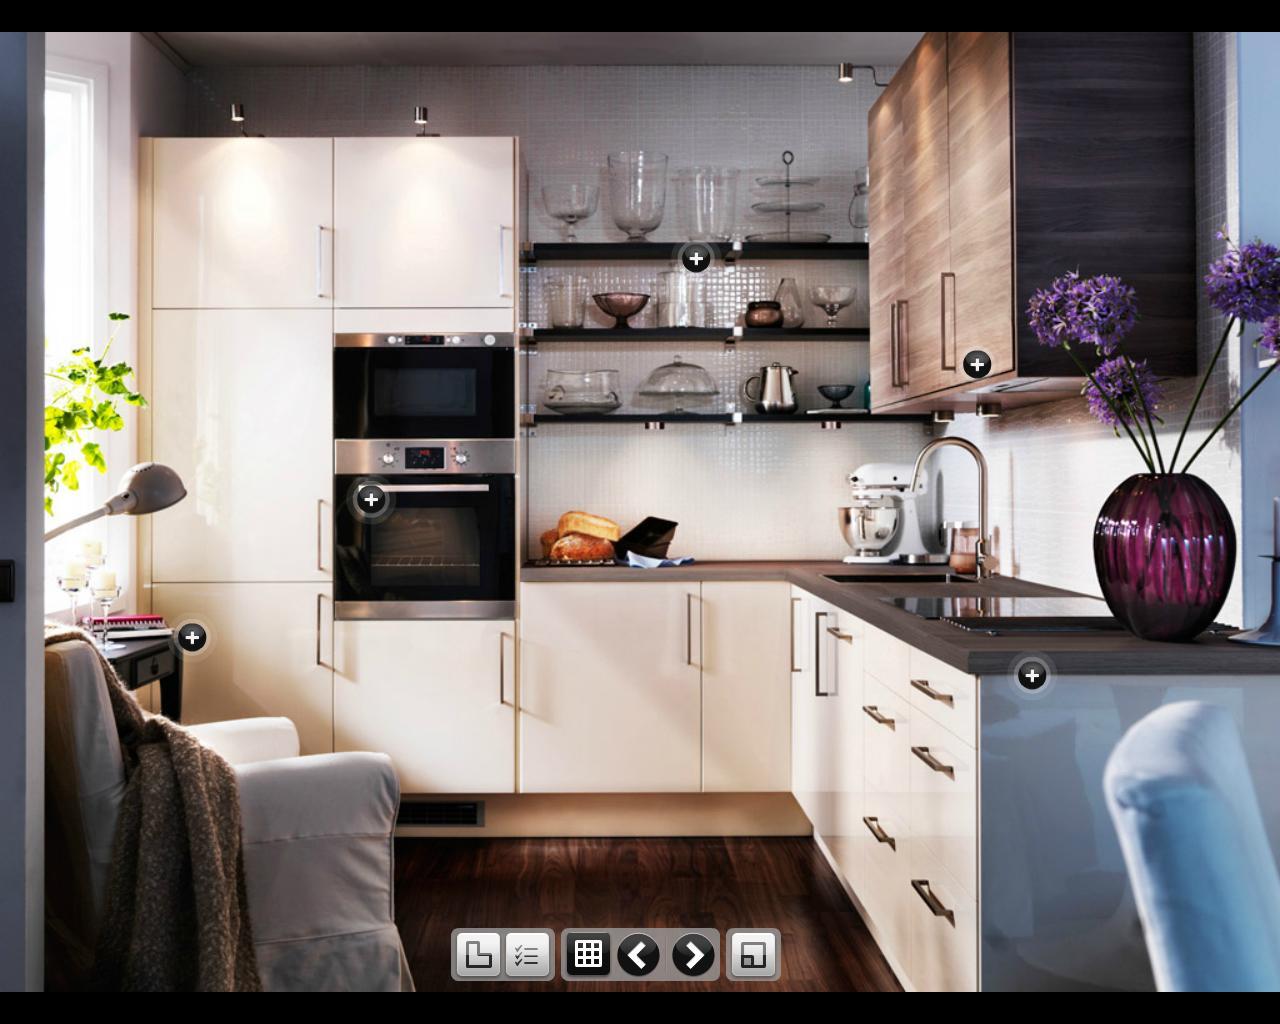 Cozinhas Ikea #876844 1280 1024